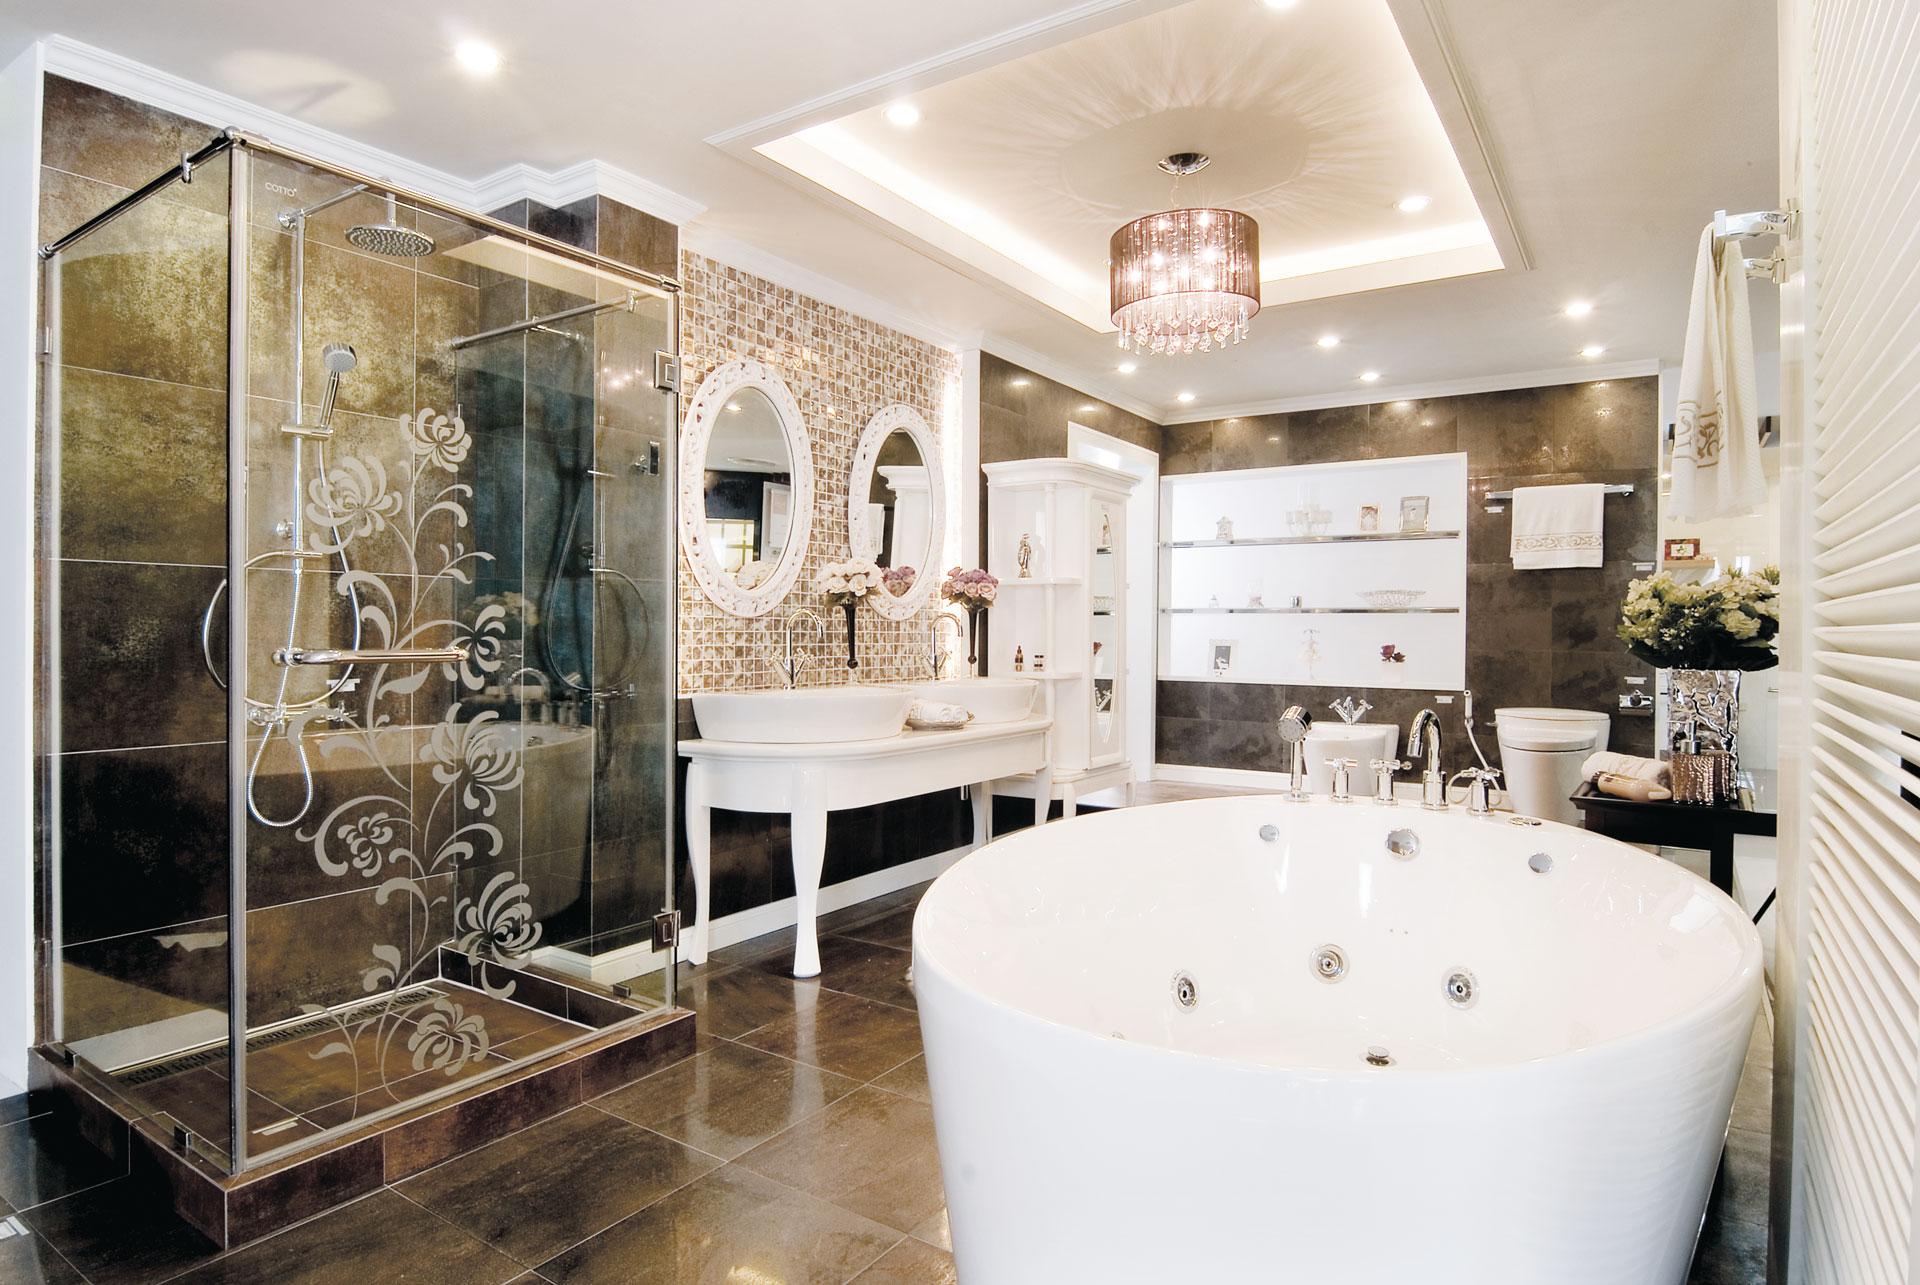 enclosures custom bathtub doors door glass half shower community for mirror products